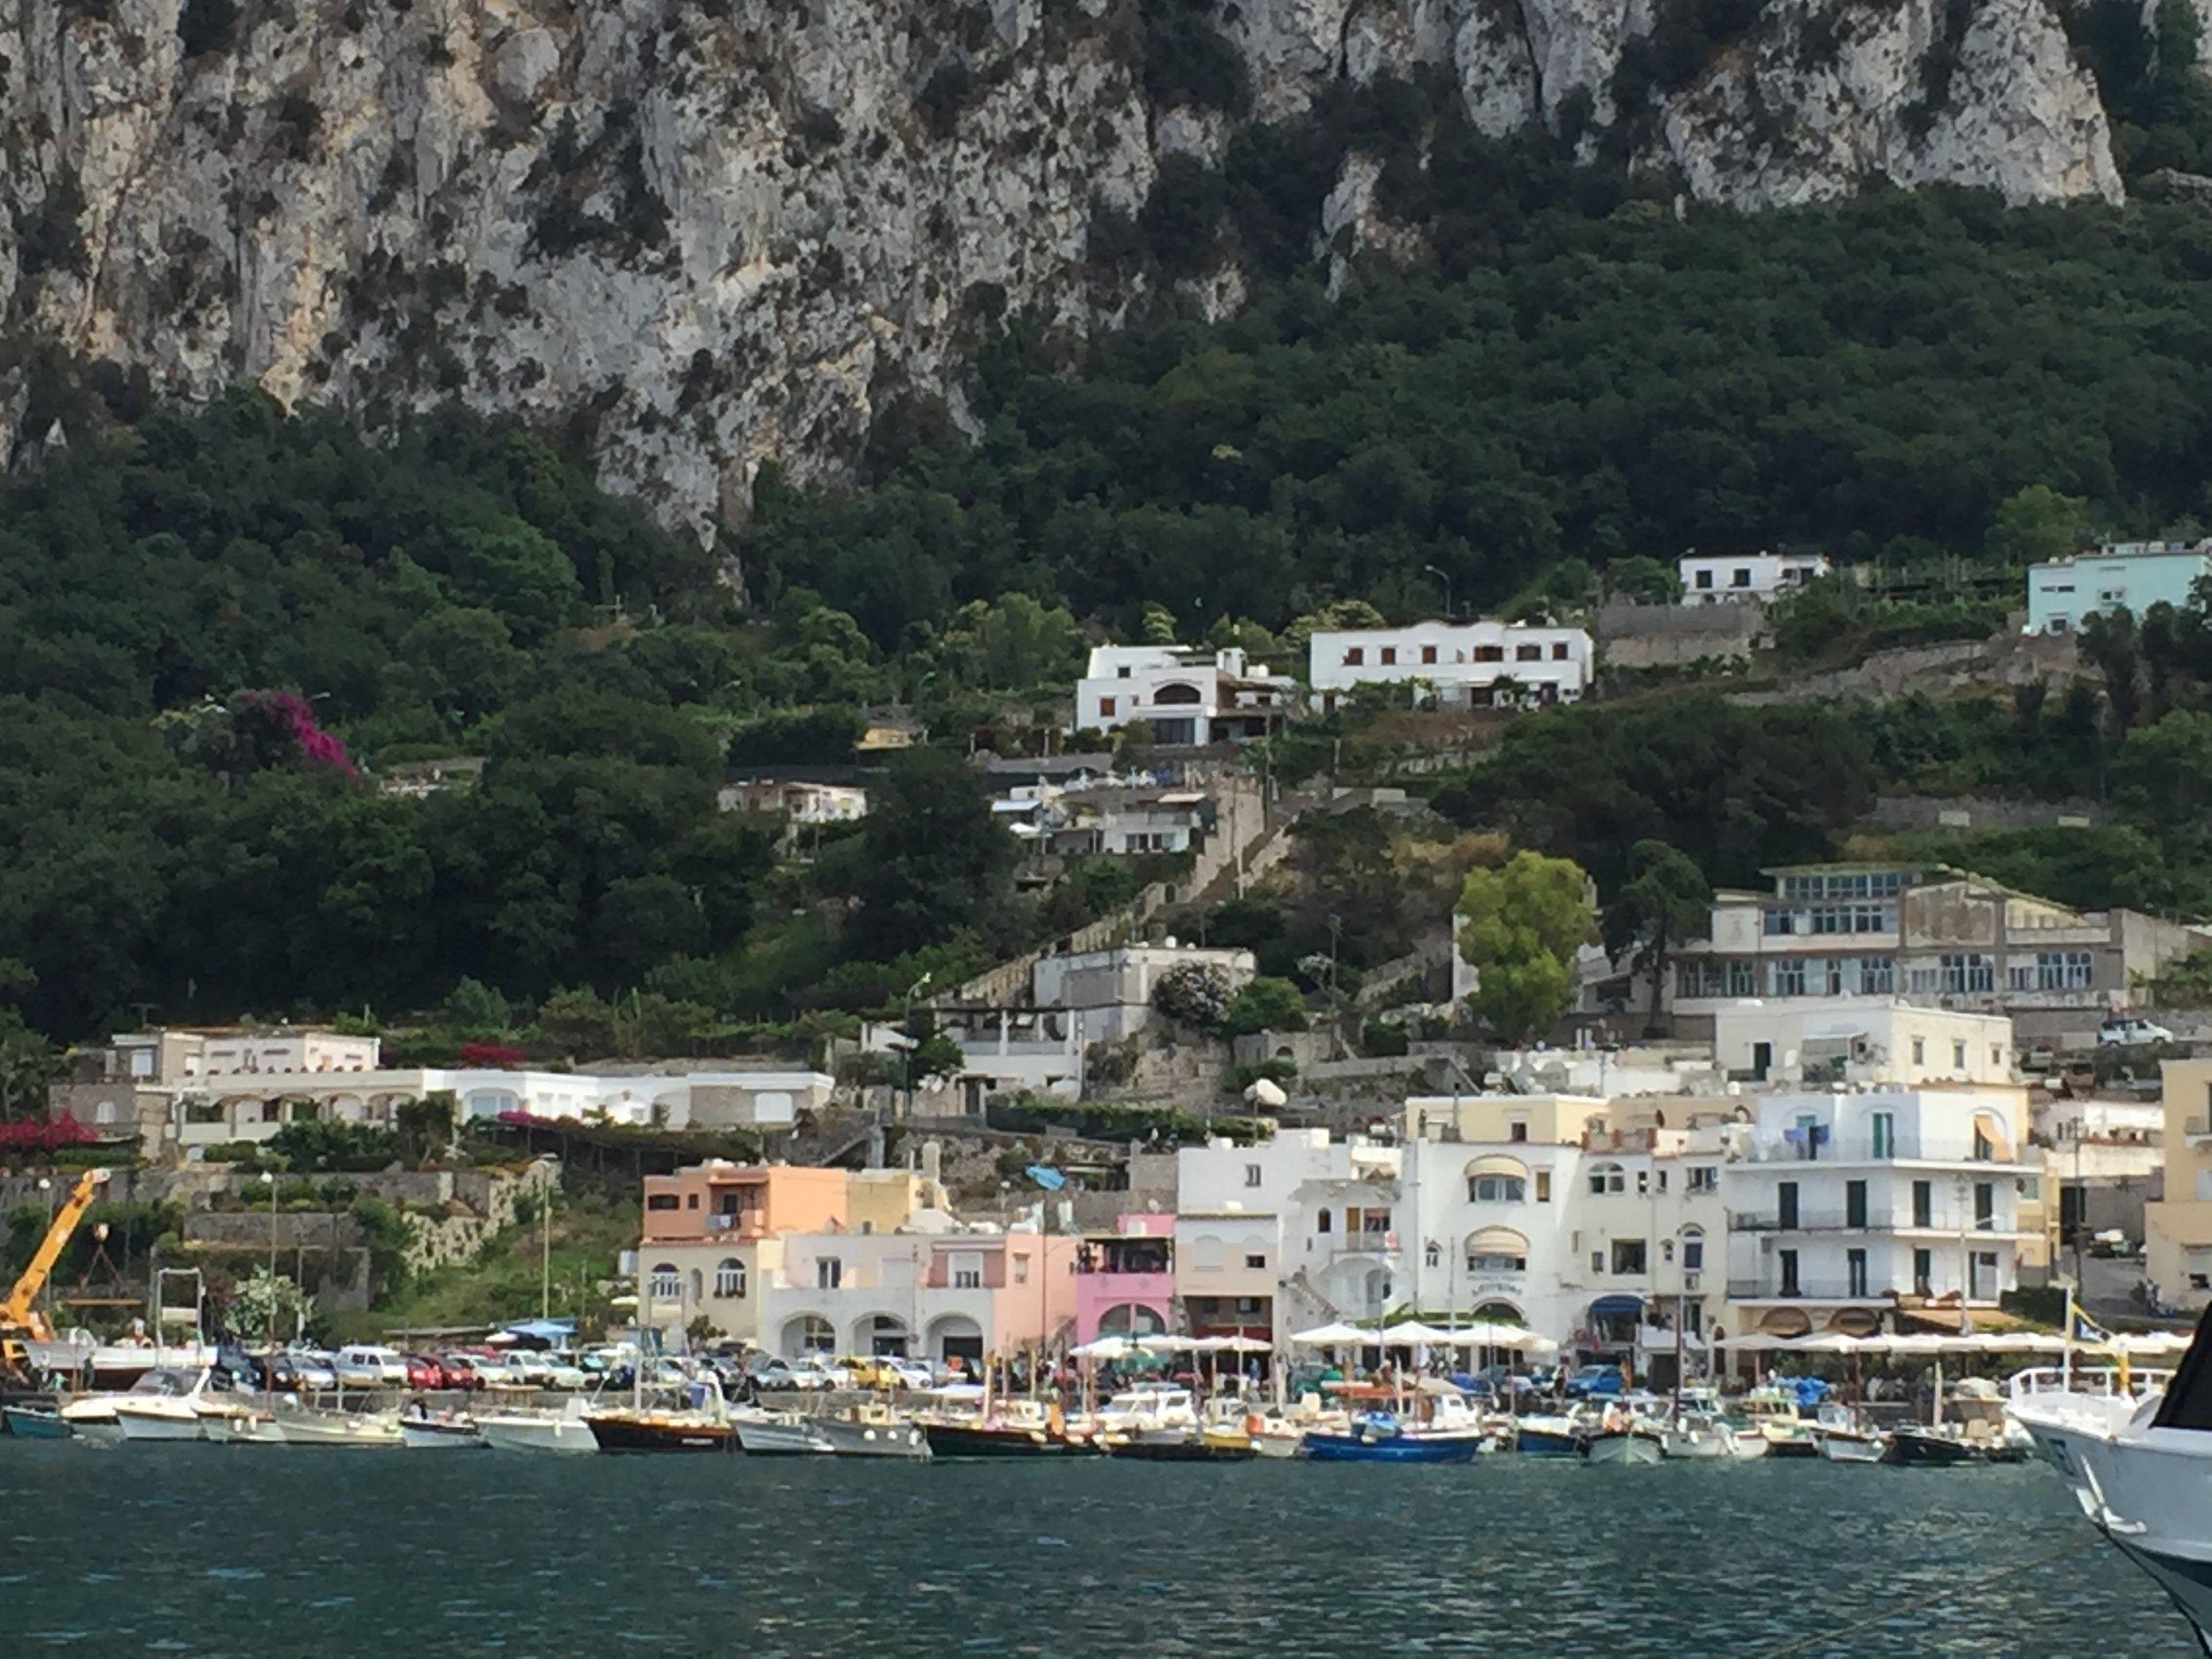 Boats in Capri, Italy